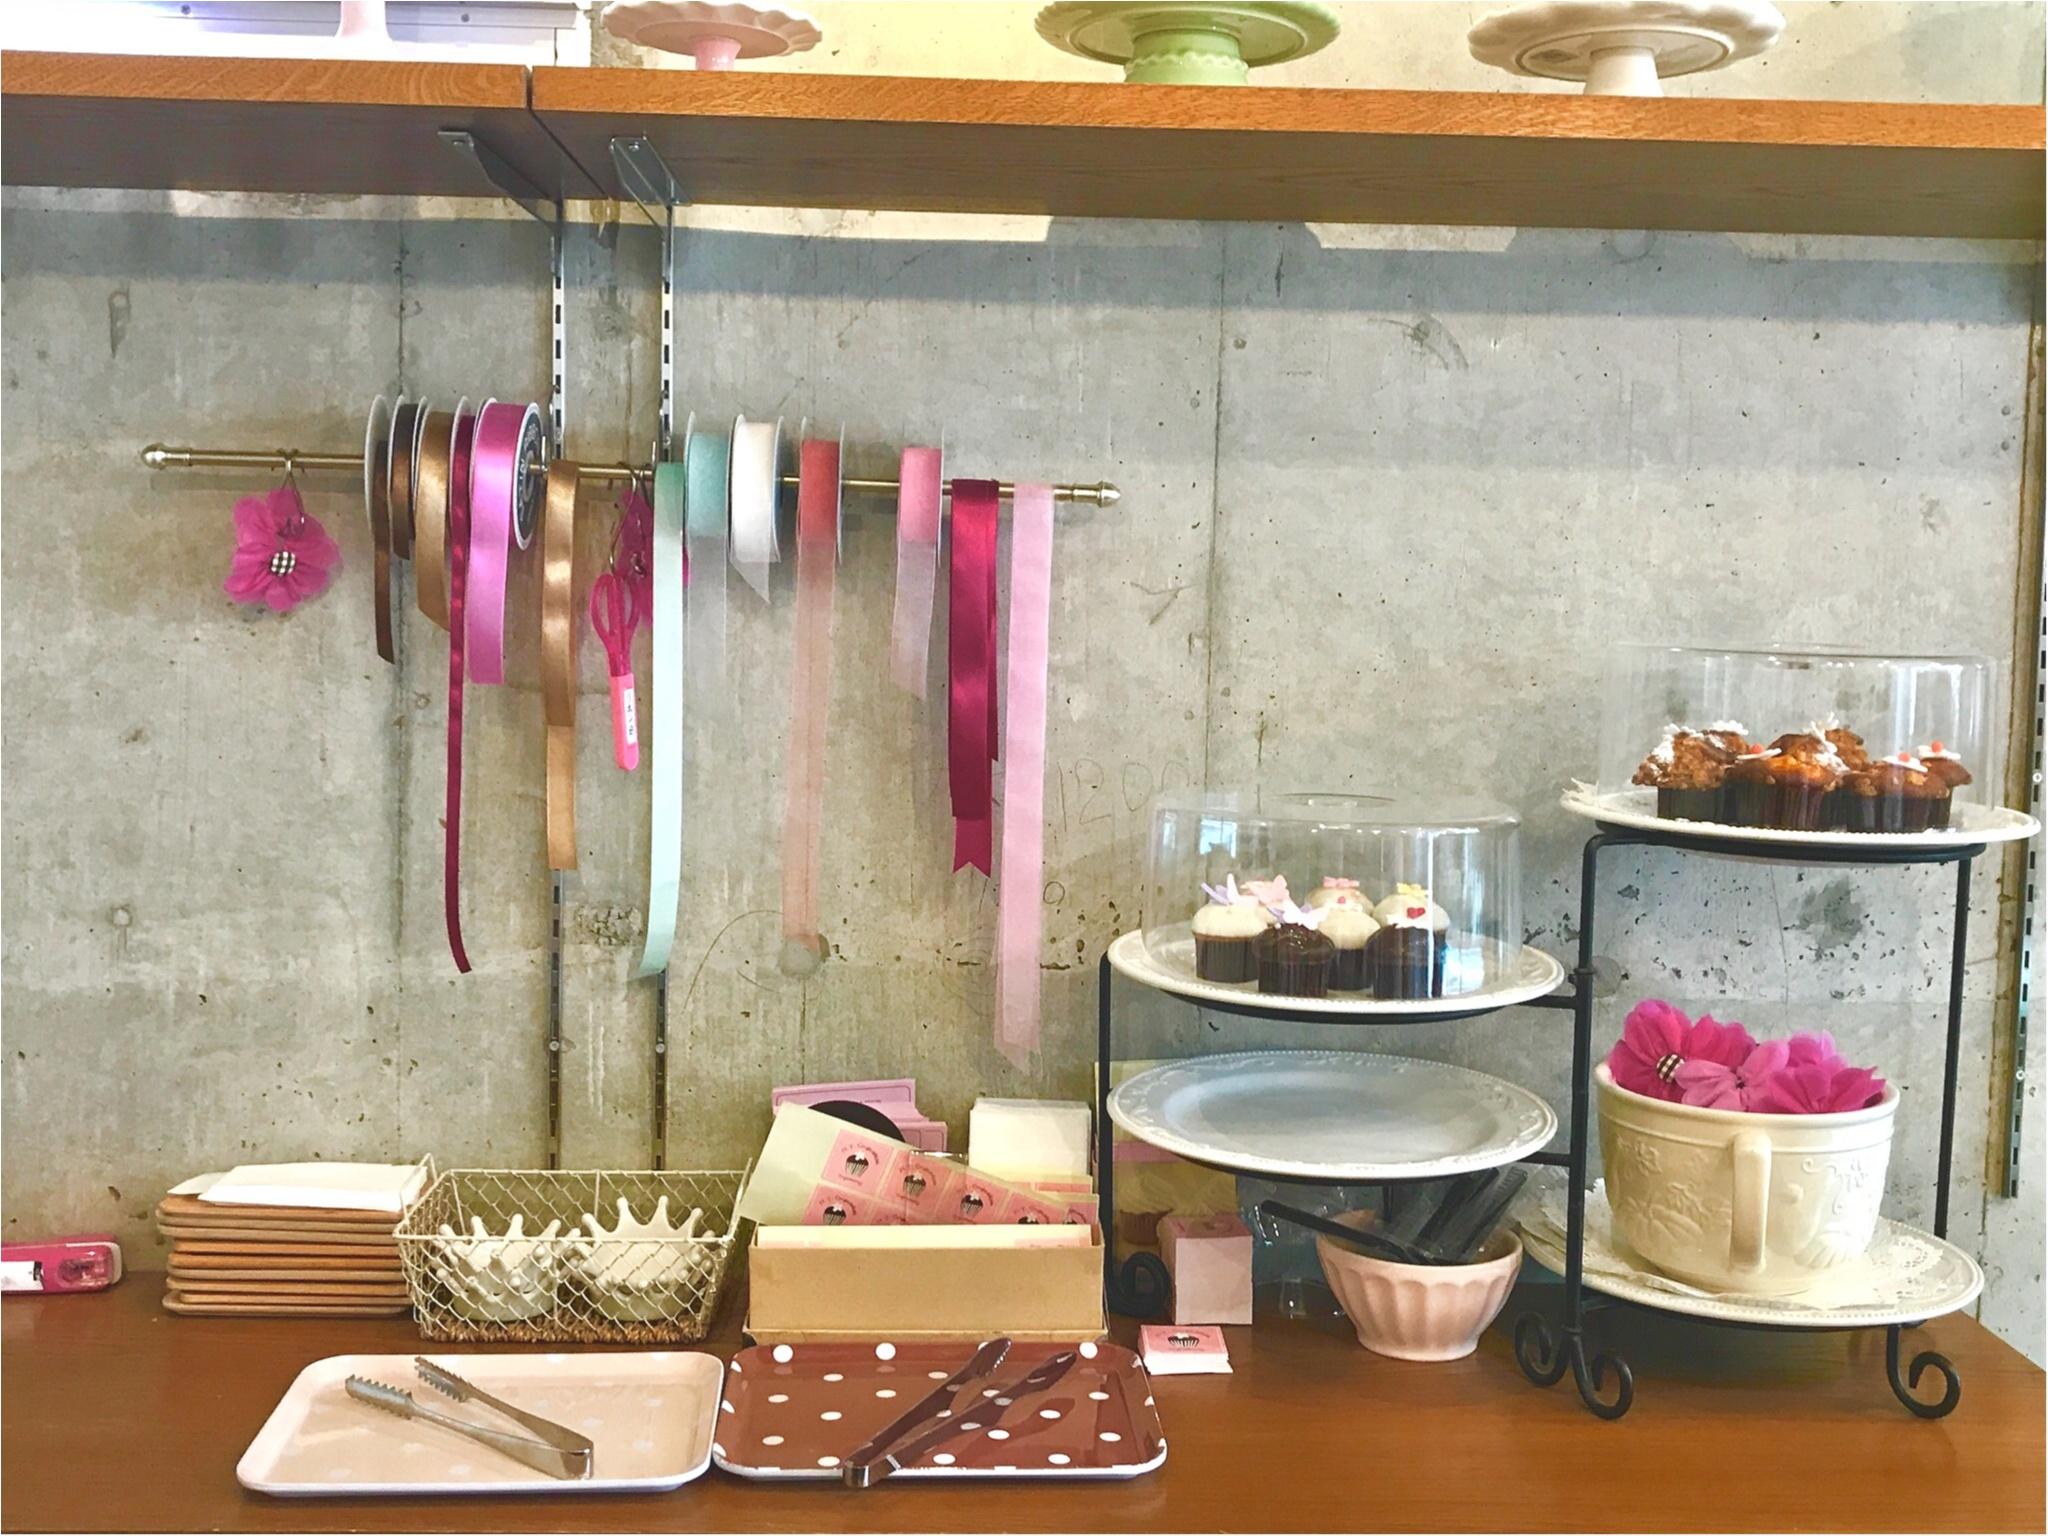 【FOOD】可愛いの大定番♥ 一度は行きたいニューヨークカップケーキ!_5